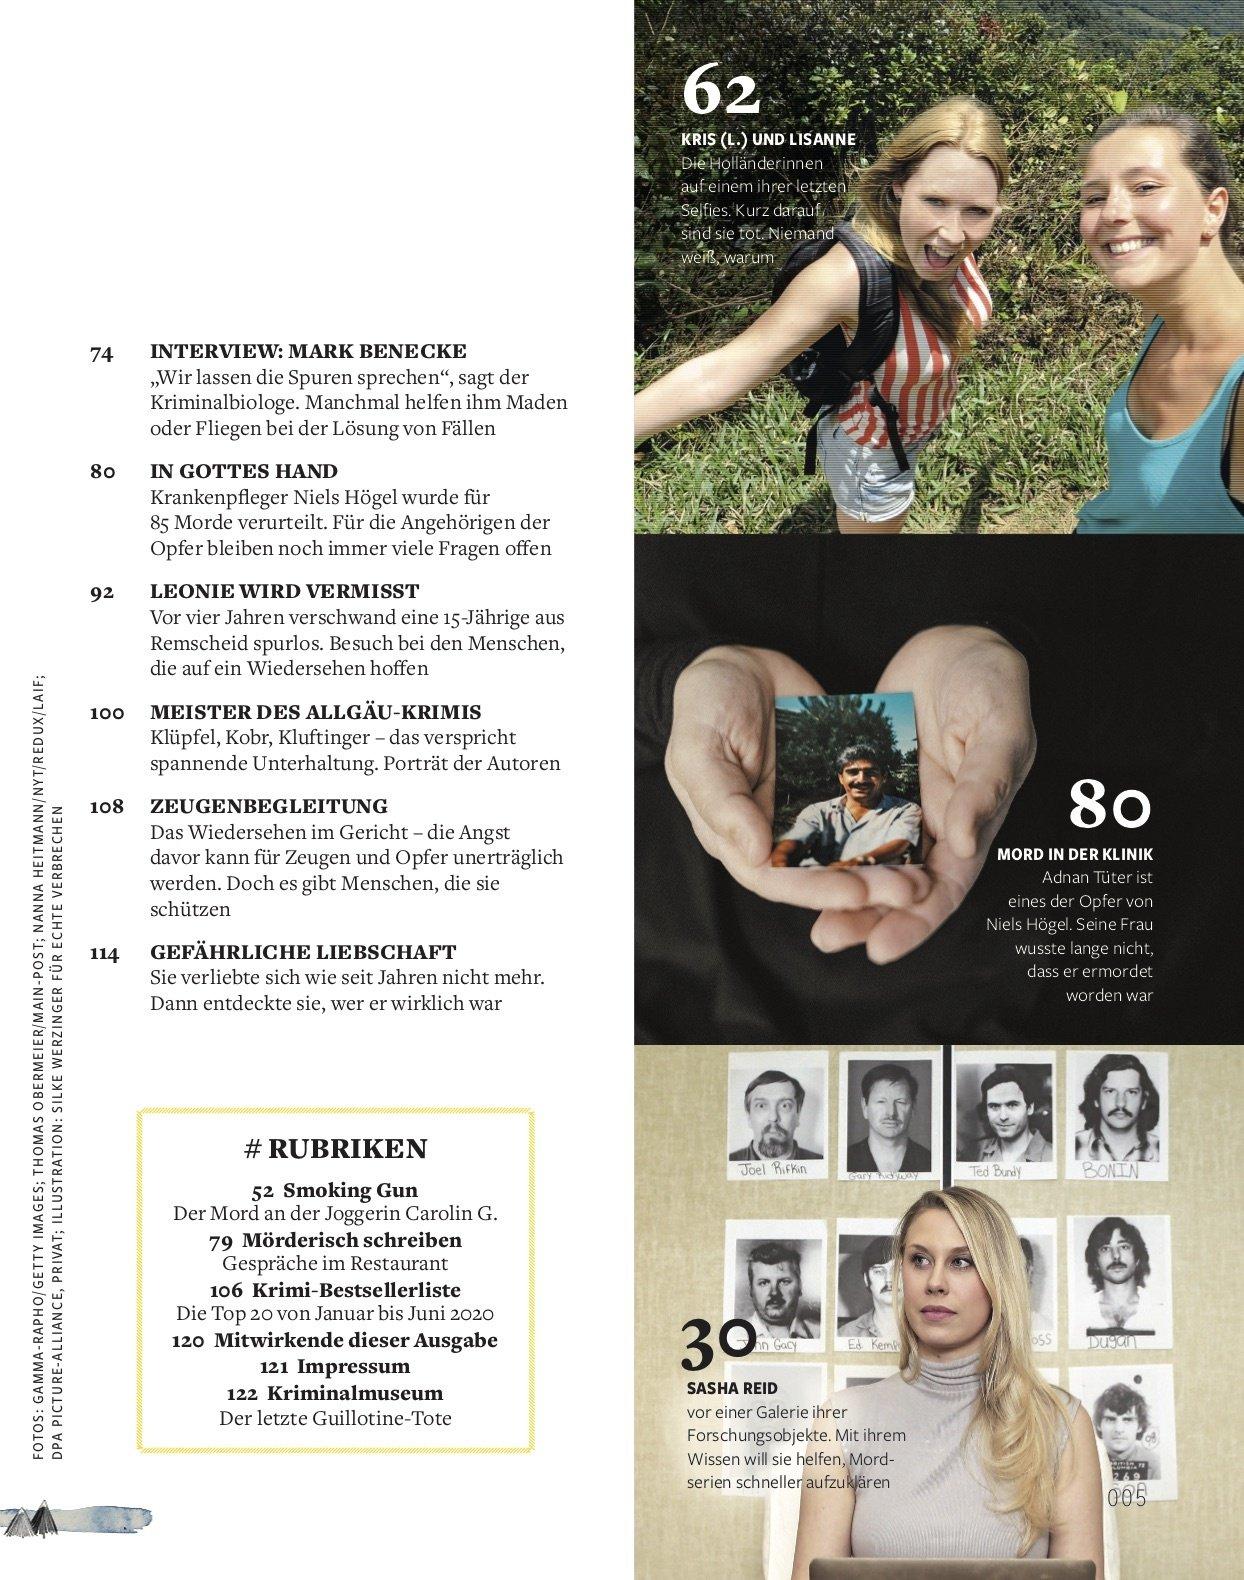 FOCUS Echte Verbrechen FOCUS Sonderheft - Echte Verbrechen Nr. 02/2020